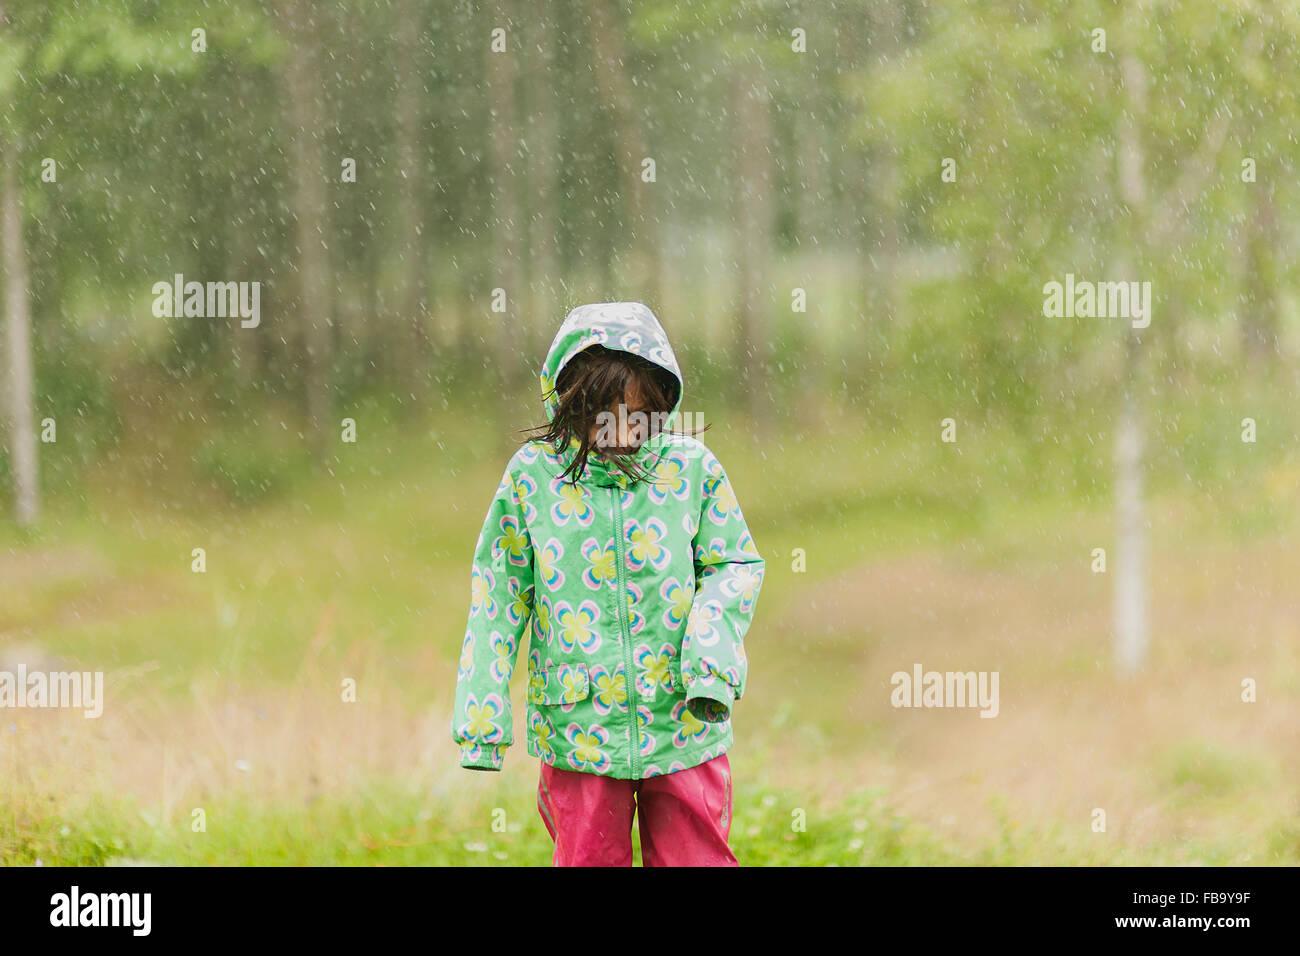 Sweden, Vastmanland, Bergslagen, Girl (4-5) running in rain - Stock Image